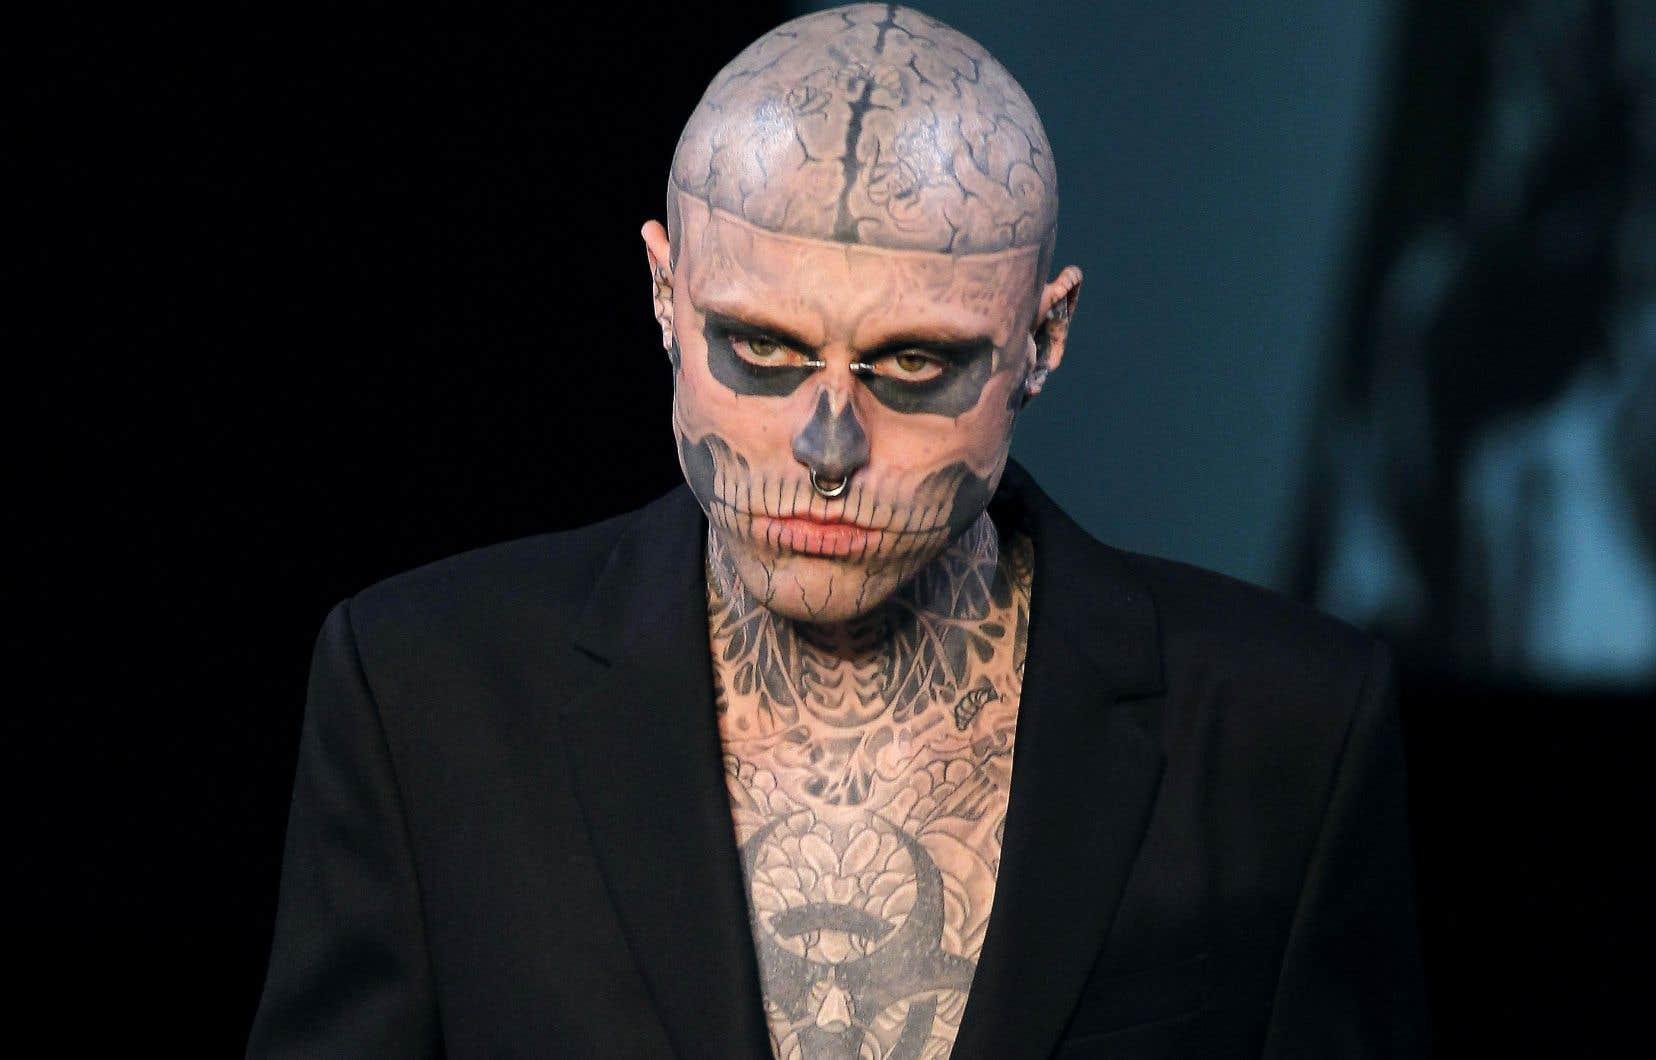 Rick Genest s'est fait connaître grâce aux nombreux tatouages qui couvraient son corps des pieds à la tête, ce qui lui a valu plusieurs invitations de grands designers de mode.